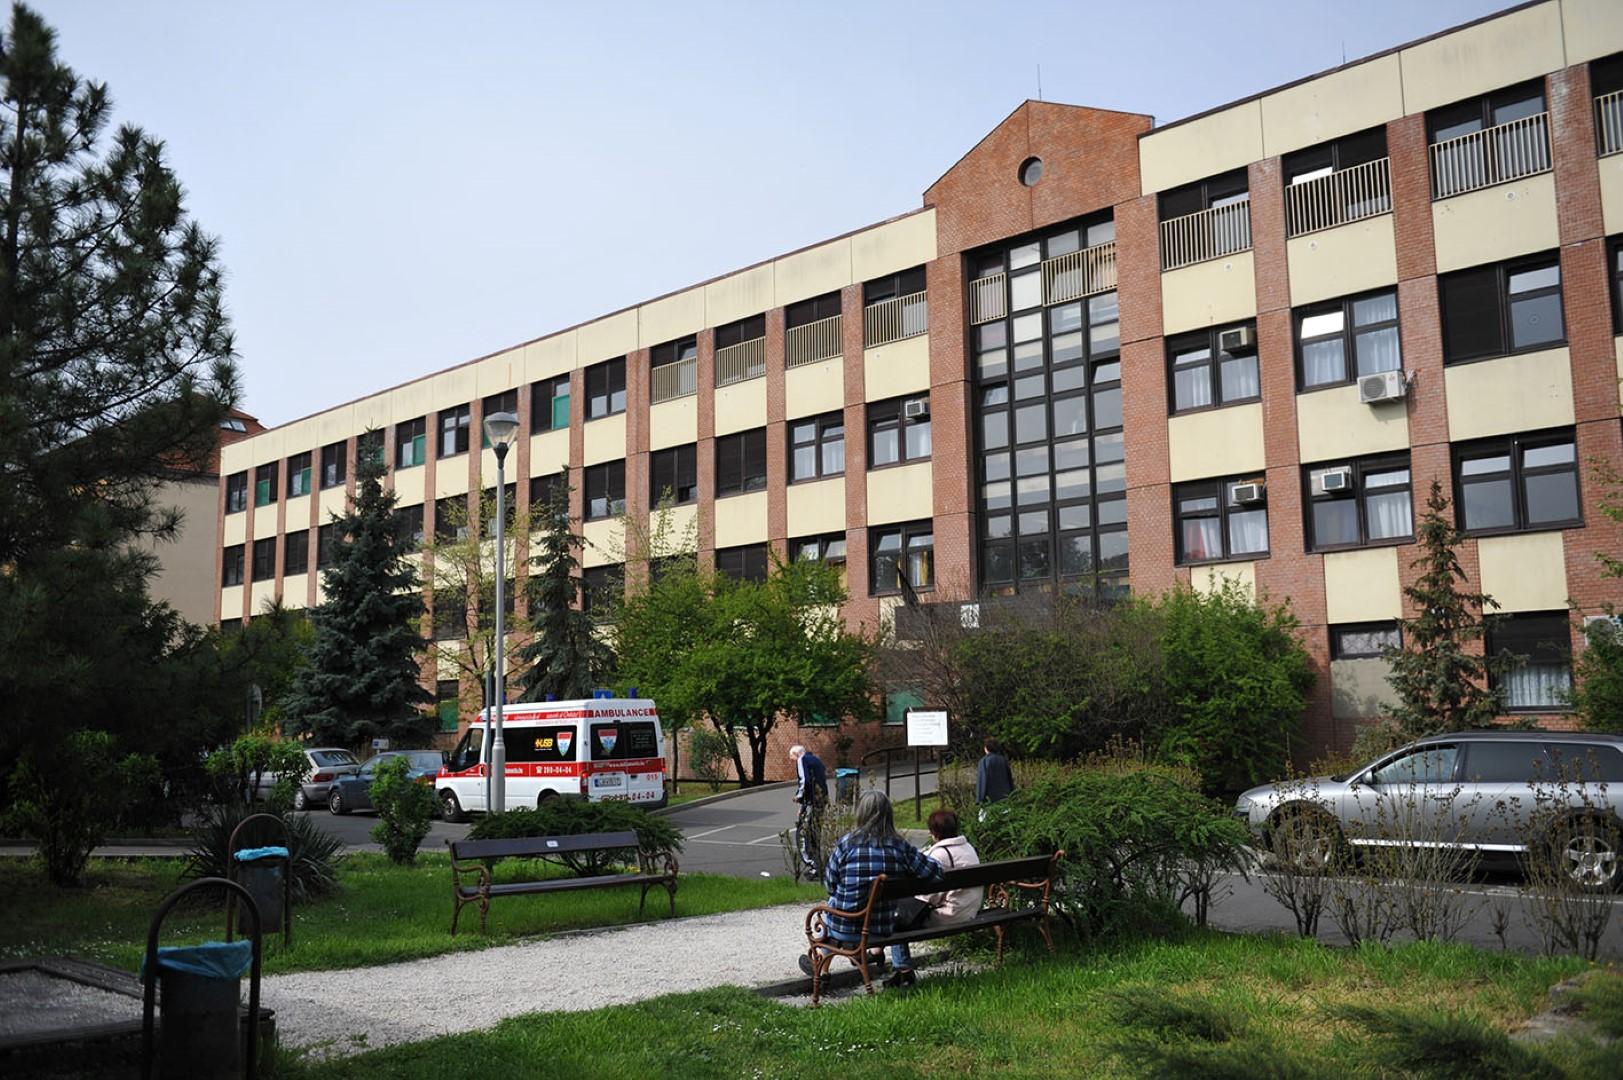 Bezárják a fél belgyógyászatot a Nyírő kórházban, mert nincs elég orvos